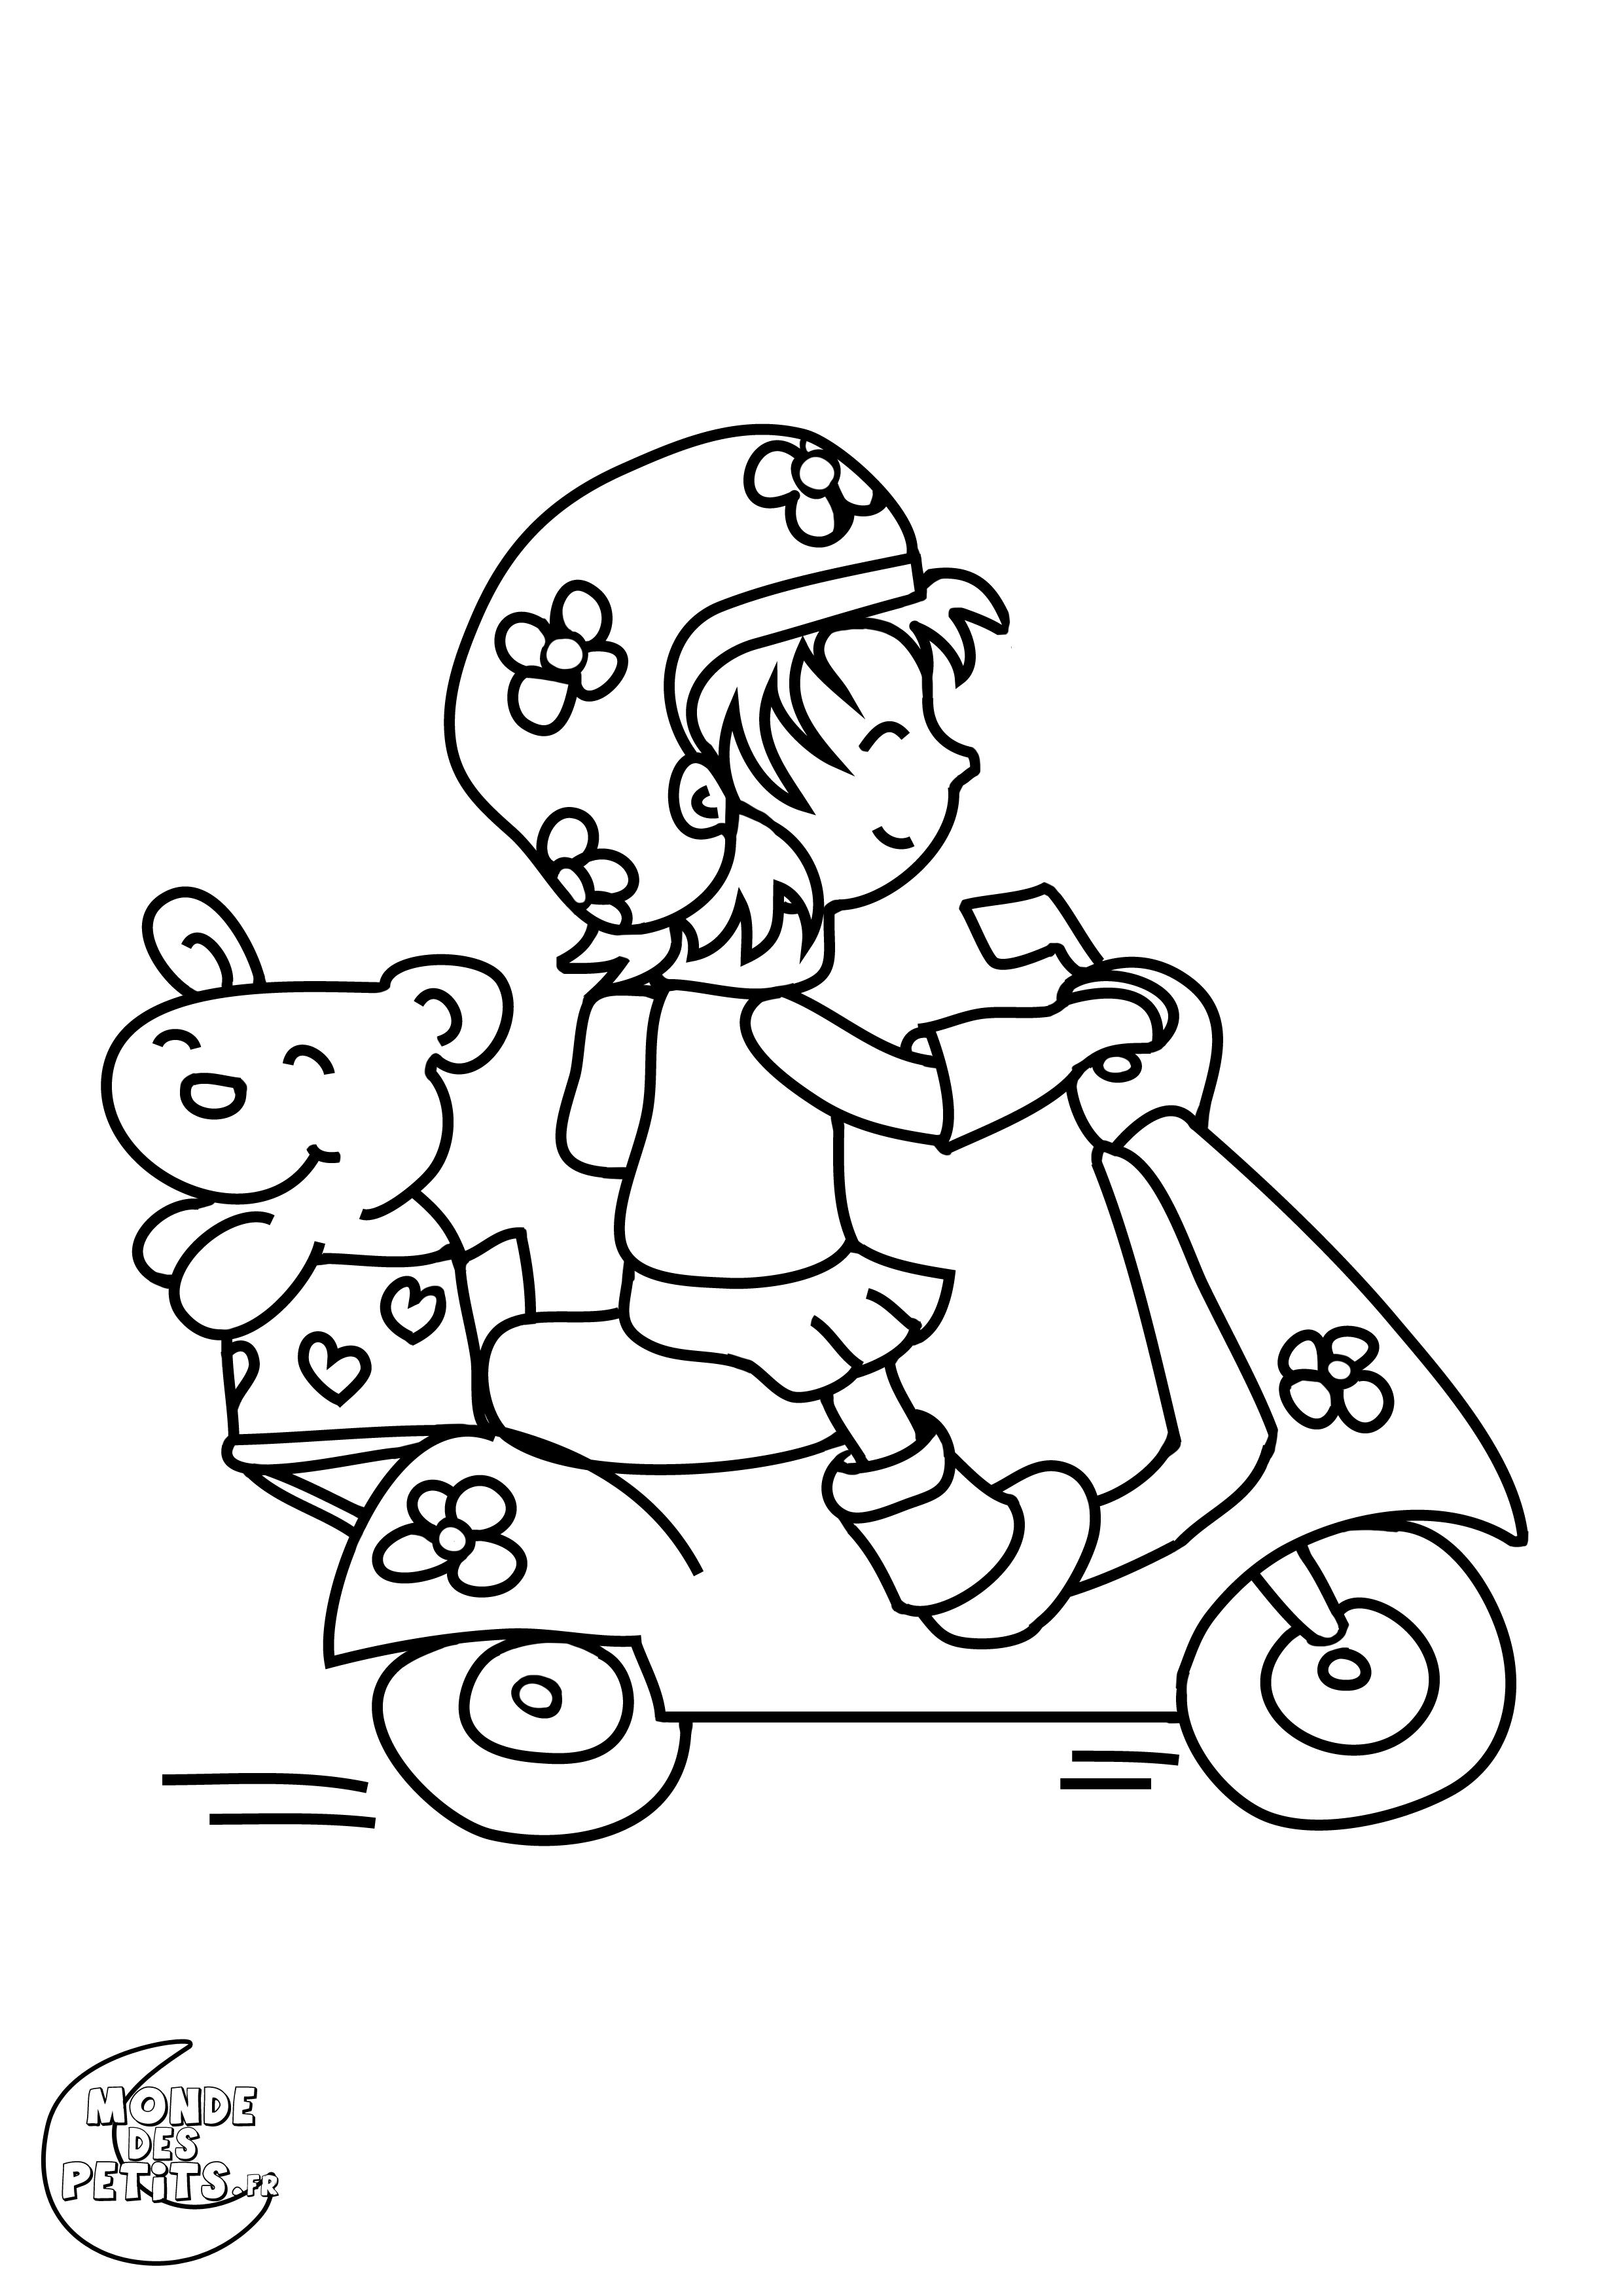 Monde des petits coloriages imprimer - Coloriage de moto ...